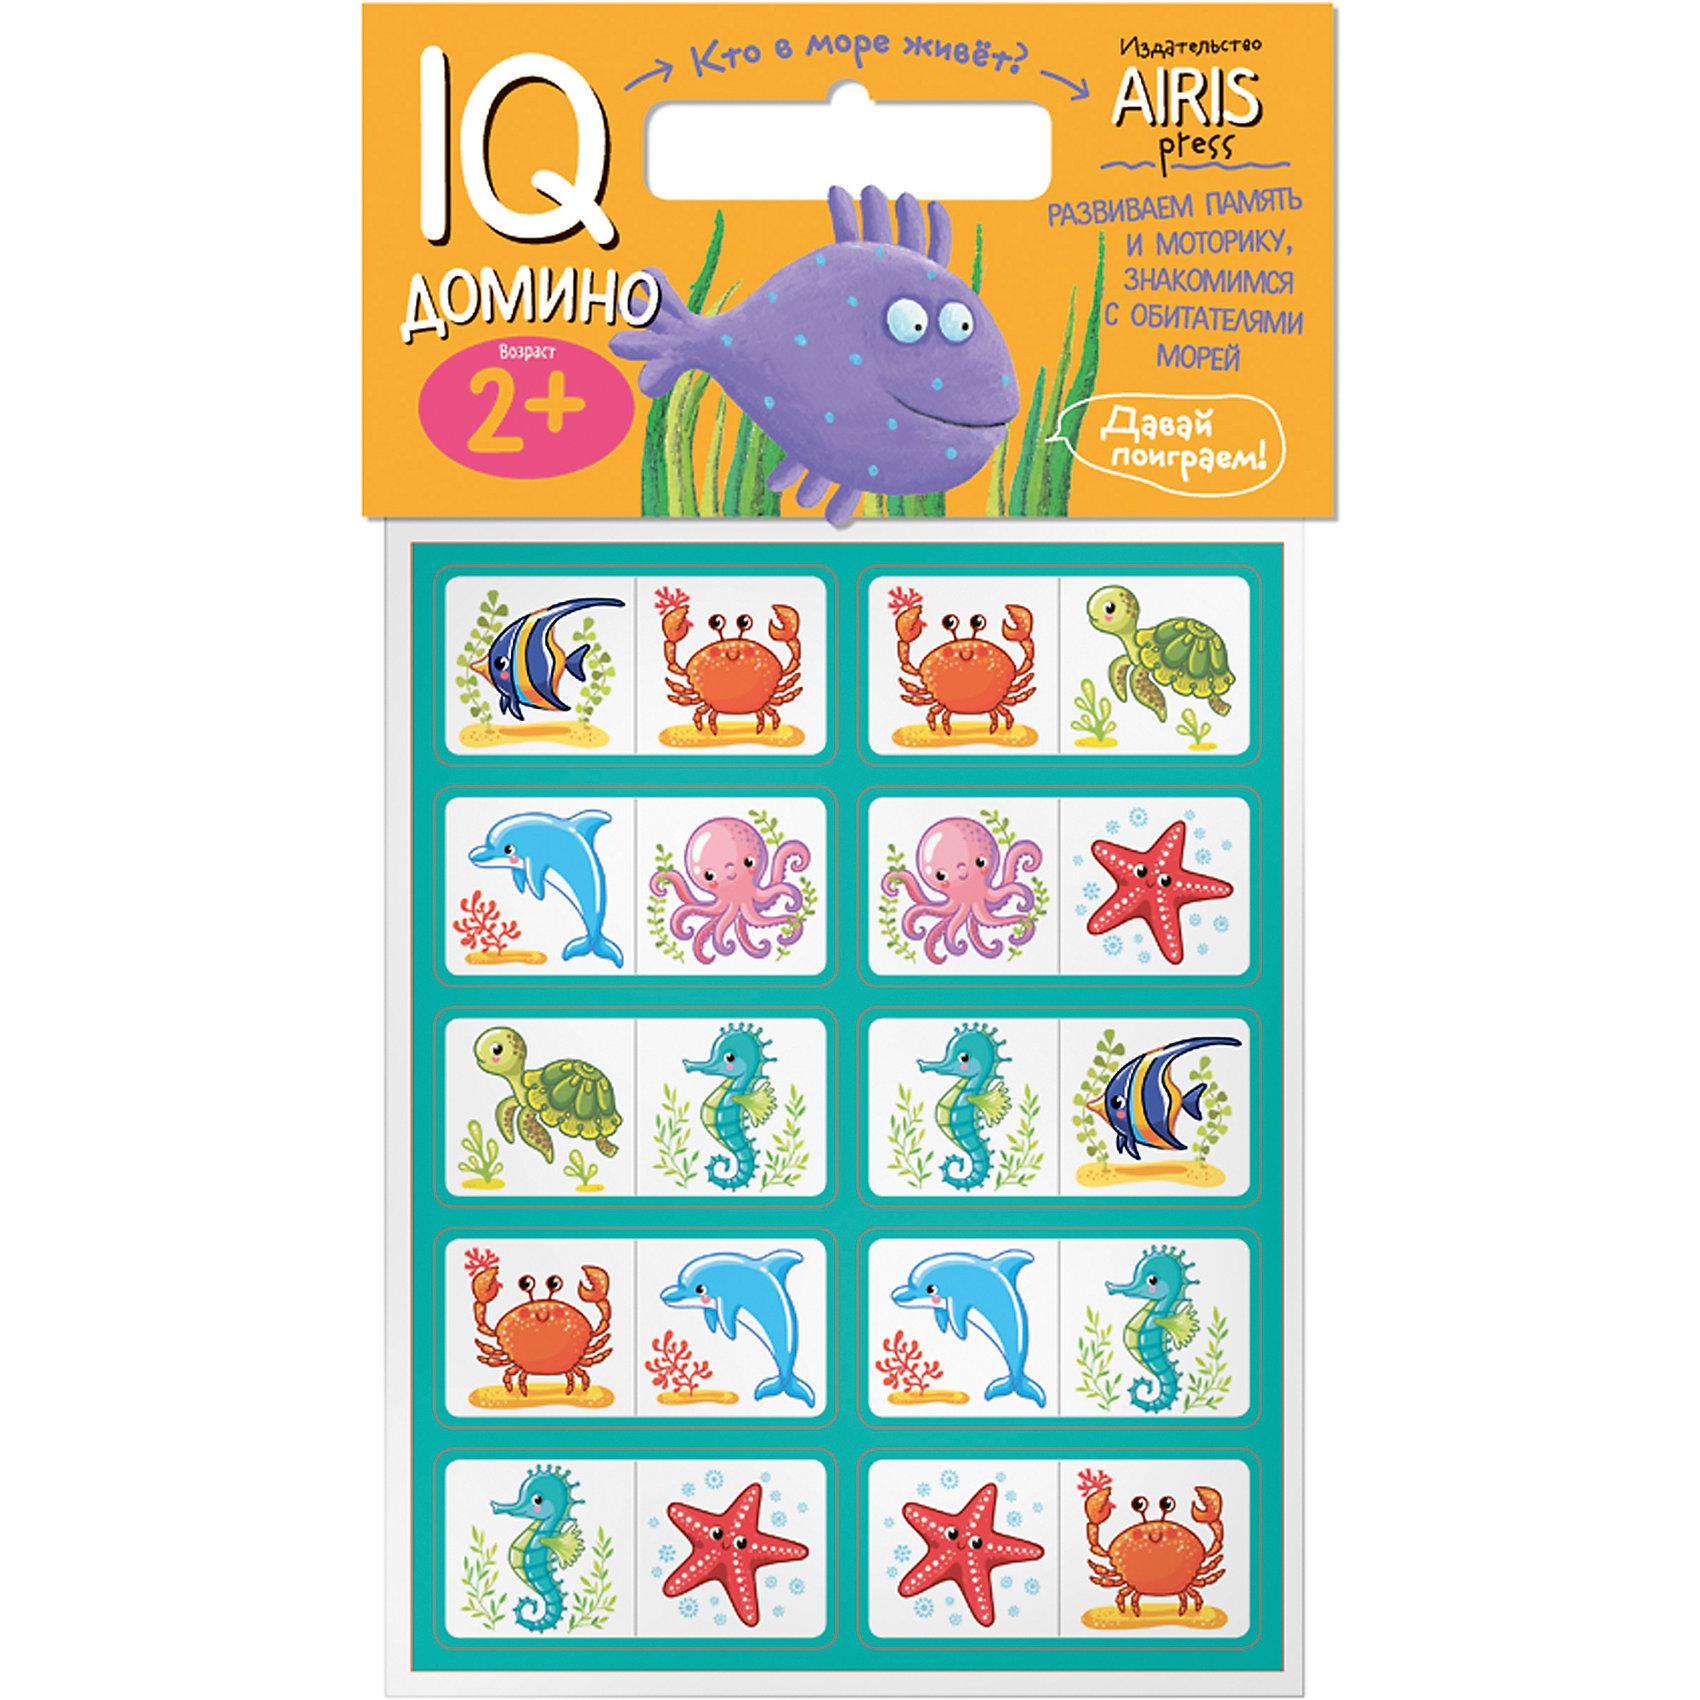 Домино Кто в море живет?Домино<br>IQ-Домино «Кто в море живёт?» – это увлекательная настольная игра для ознакомления ребёнка&#13;<br>с обитателями морей и океанов, развития воображения, логического мышления и моторики.&#13;<br>Набор состоит из 20 объёмных карточек с цветным изображением морских животных. Карточки сделаны из мягкого, прочного и безопасного материала EVA. Они удобно ложатся в детскую руку и отлично подходят для настольных познавательных игр.&#13;<br>Цель игры - разместить картинки друг за другом по принципу одинаковые животные (рыба - рыба, морская звезда - морская звезда и т.д.). Ребёнок может играть один или привлечь к игре несколько участников. В этом случае победителем становится тот, кто первым разложит все свои карточки. &#13;<br>На упаковке набора дано описание игр с мягкими карточками-фишками.&#13;<br>Предназначен для детей старше 2 лет.<br><br>Ширина мм: 20<br>Глубина мм: 175<br>Высота мм: 225<br>Вес г: 66<br>Возраст от месяцев: 24<br>Возраст до месяцев: 36<br>Пол: Унисекс<br>Возраст: Детский<br>SKU: 6849517